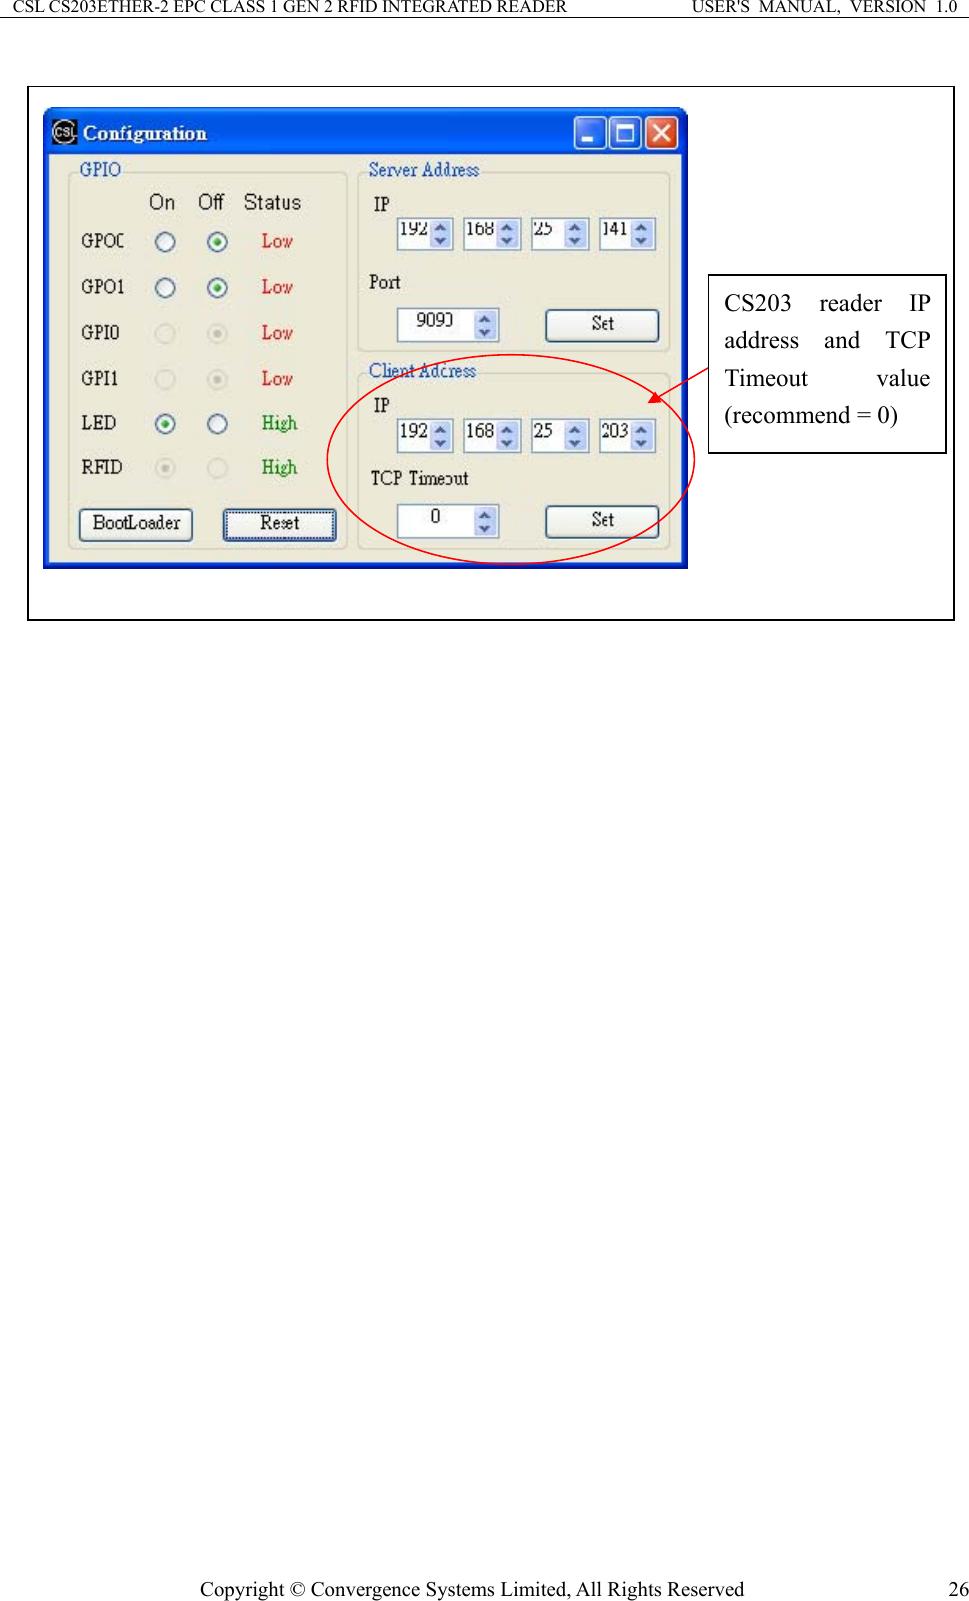 Convergence Systems CS203ETHERC1G2 Class 1 Gen 2 RFID